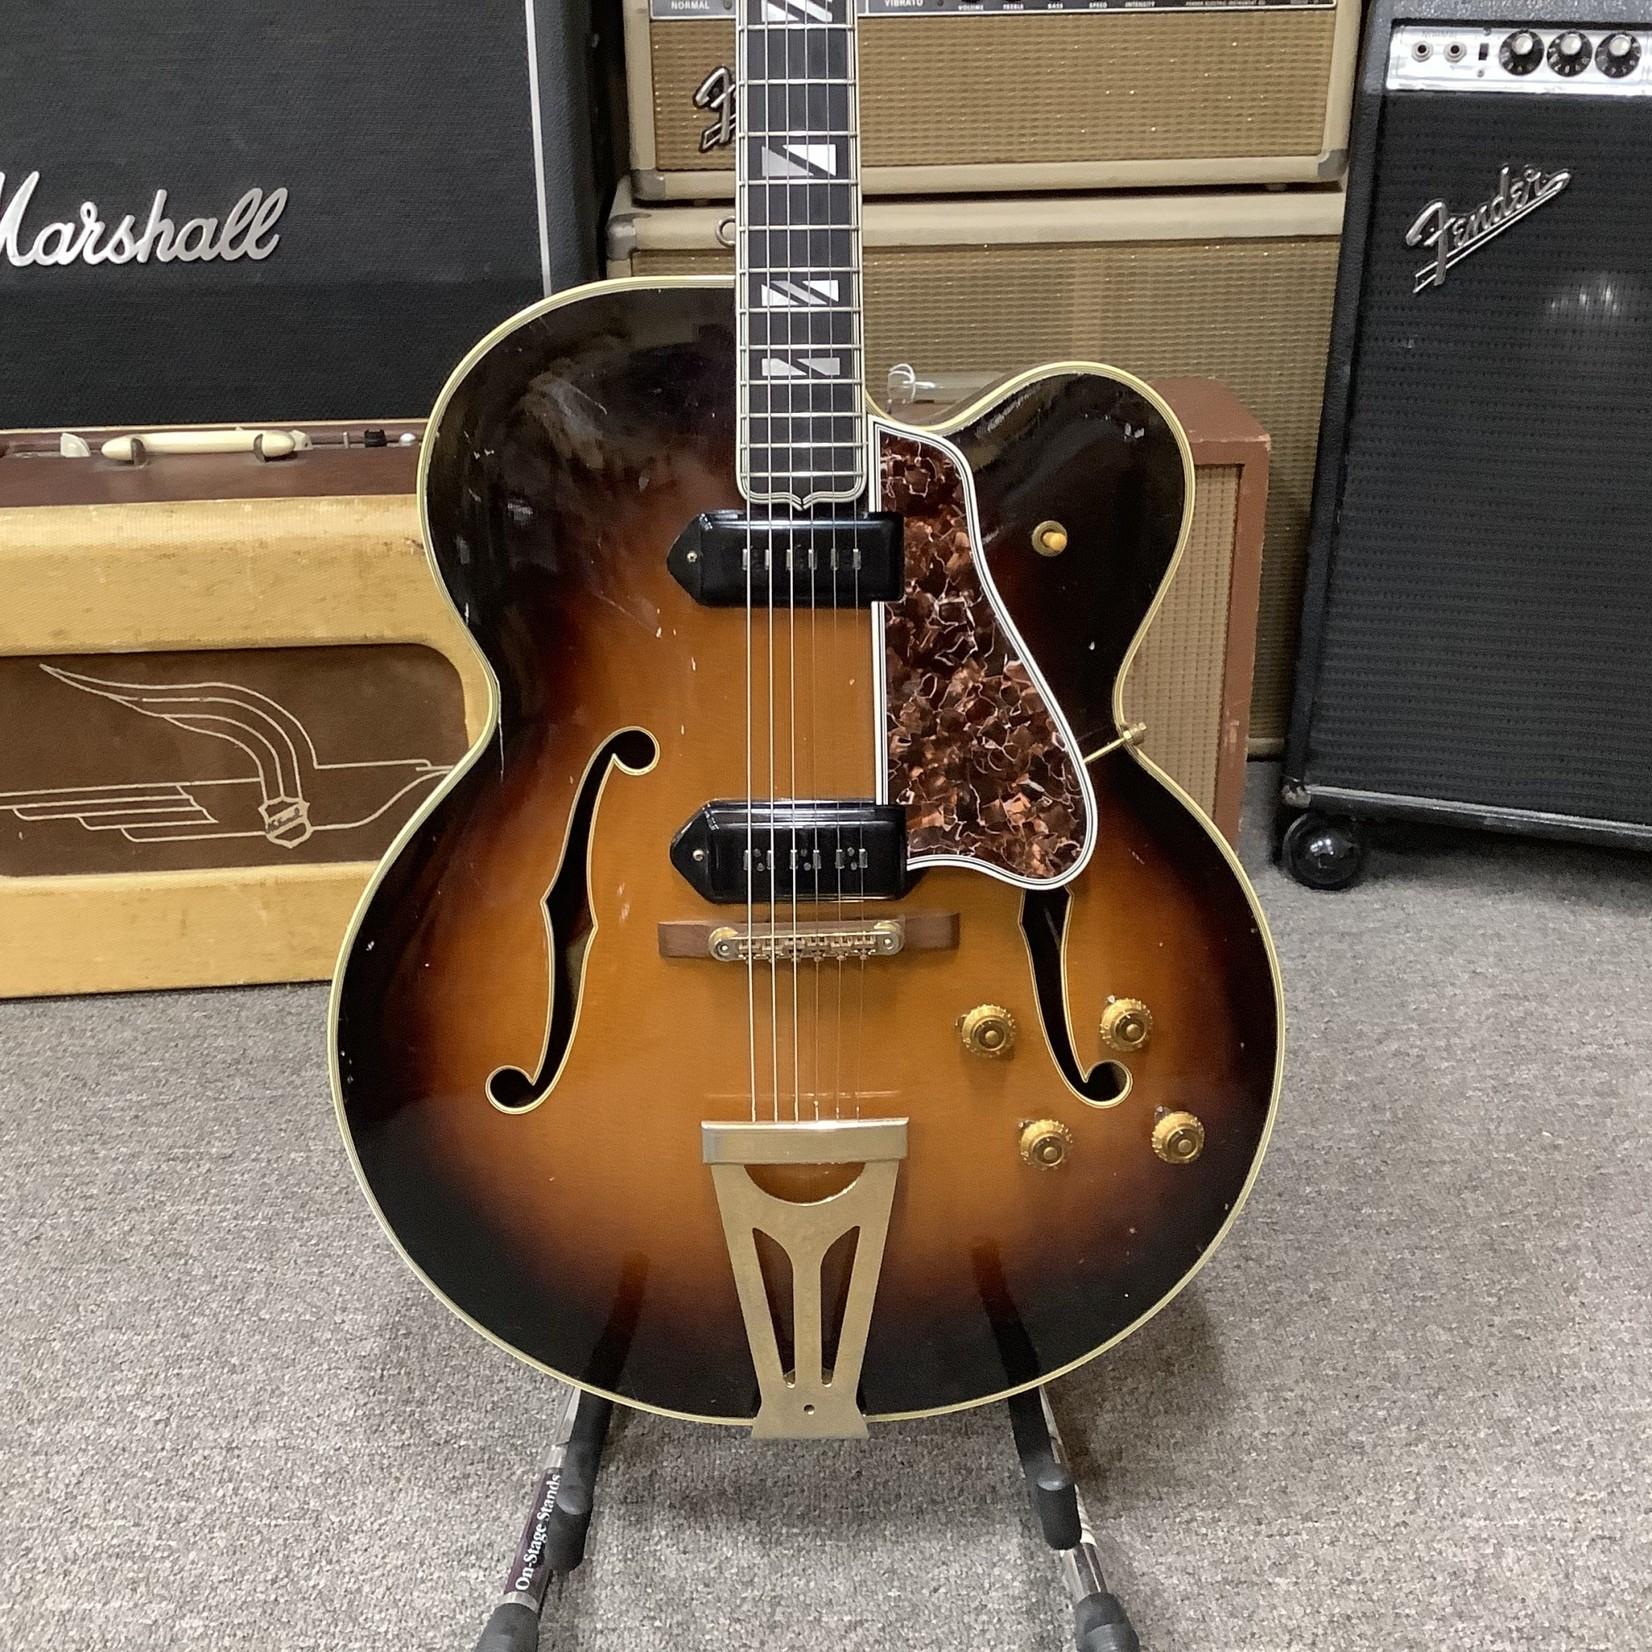 Gibson 1955 Gibson Super 400 CES